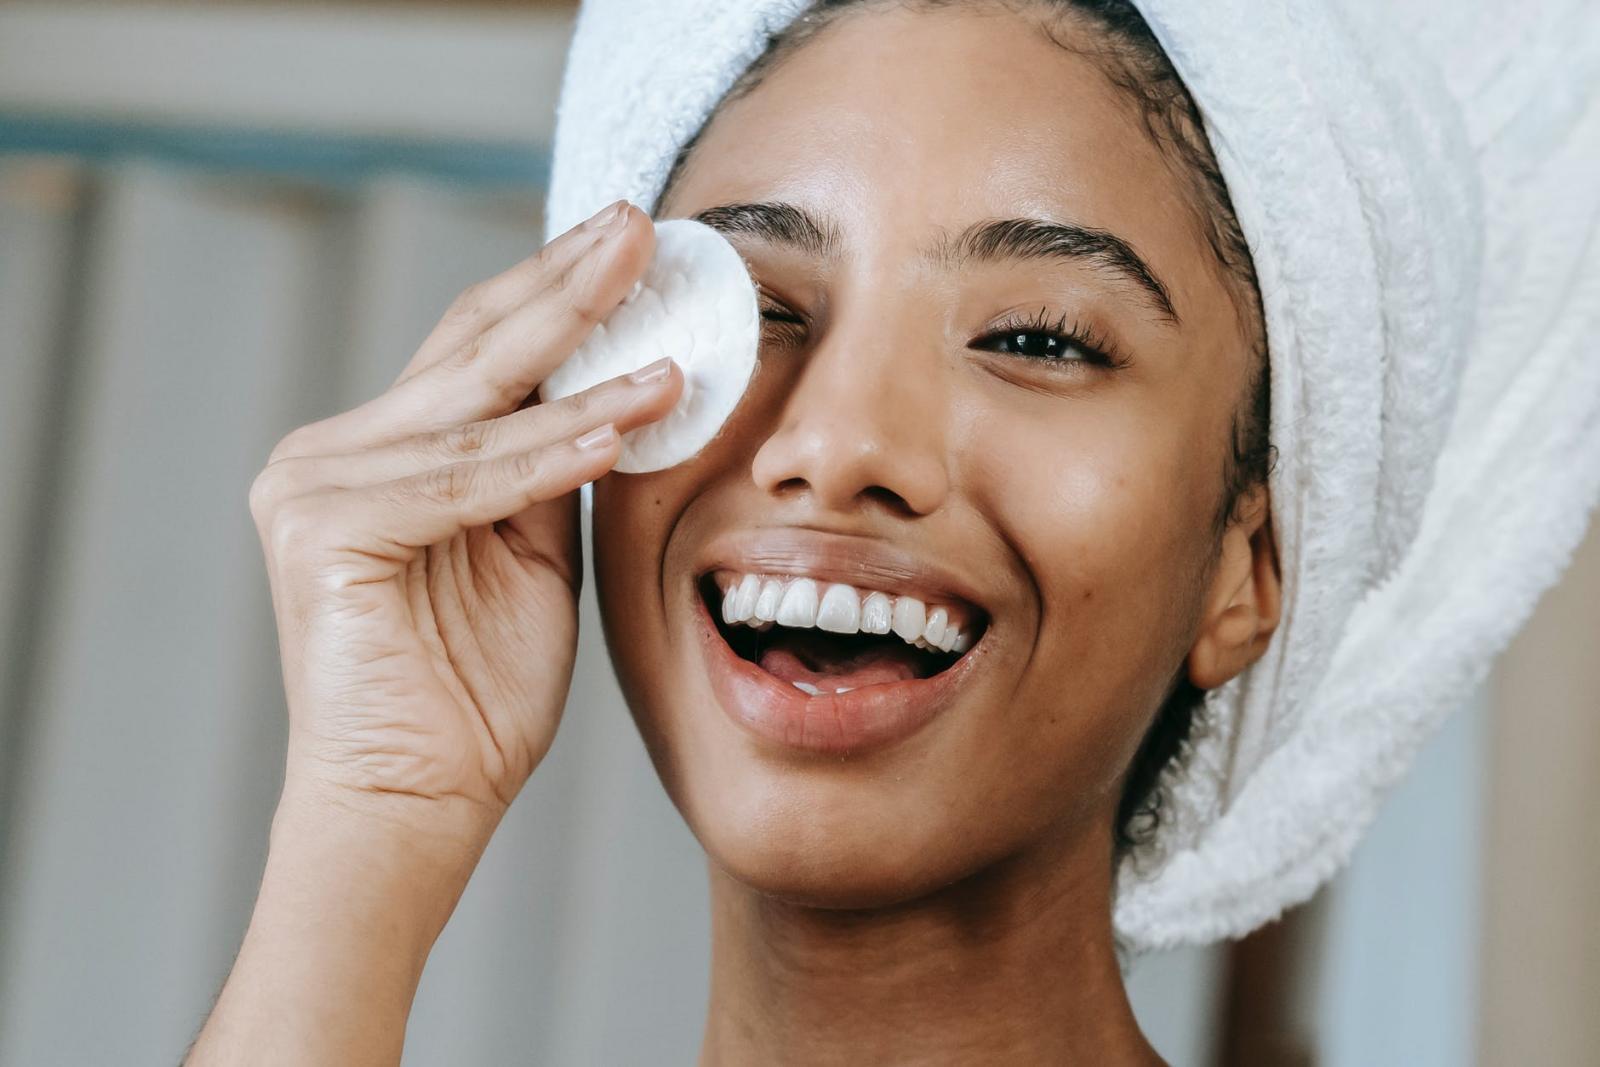 卸妝正確步驟你做對了?專家驚爆4大重點,卸妝水濕敷至少30秒,卸妝油乳化前應多做這一步-1